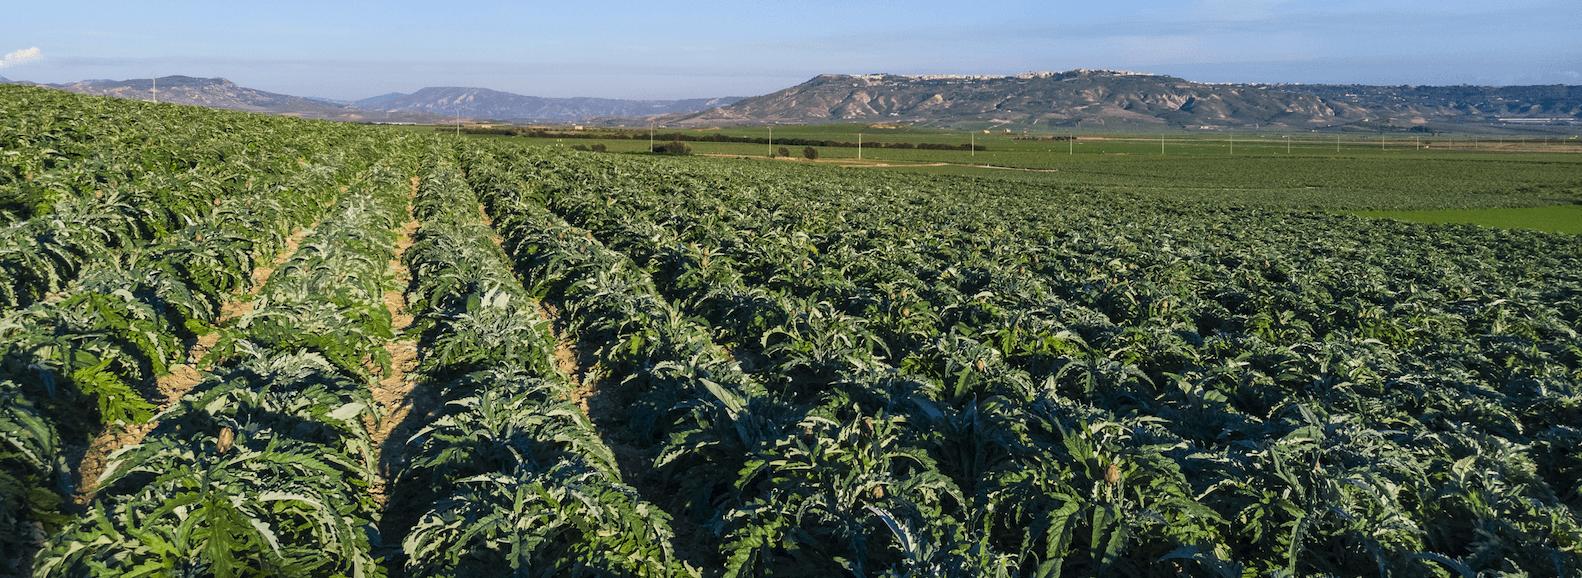 Los productores de alcachofa esperan superar las 220.000 toneladas este año